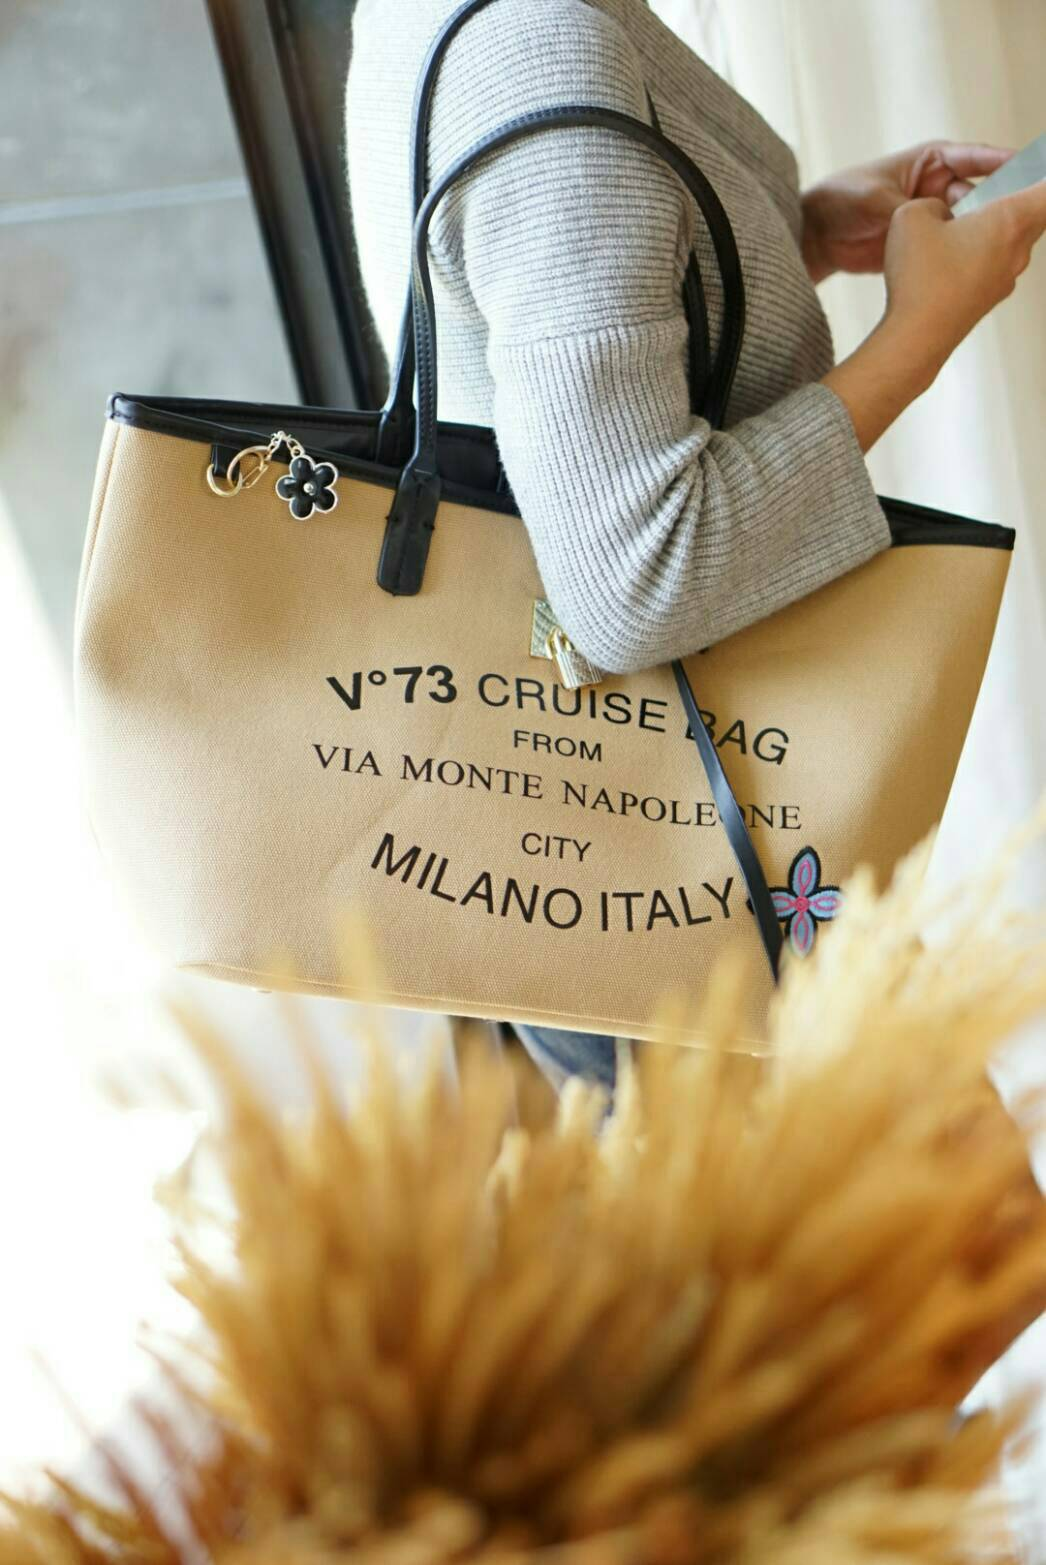 *ทรงช็อปปิ้งงานสวยสัญชาติอิตาลี*